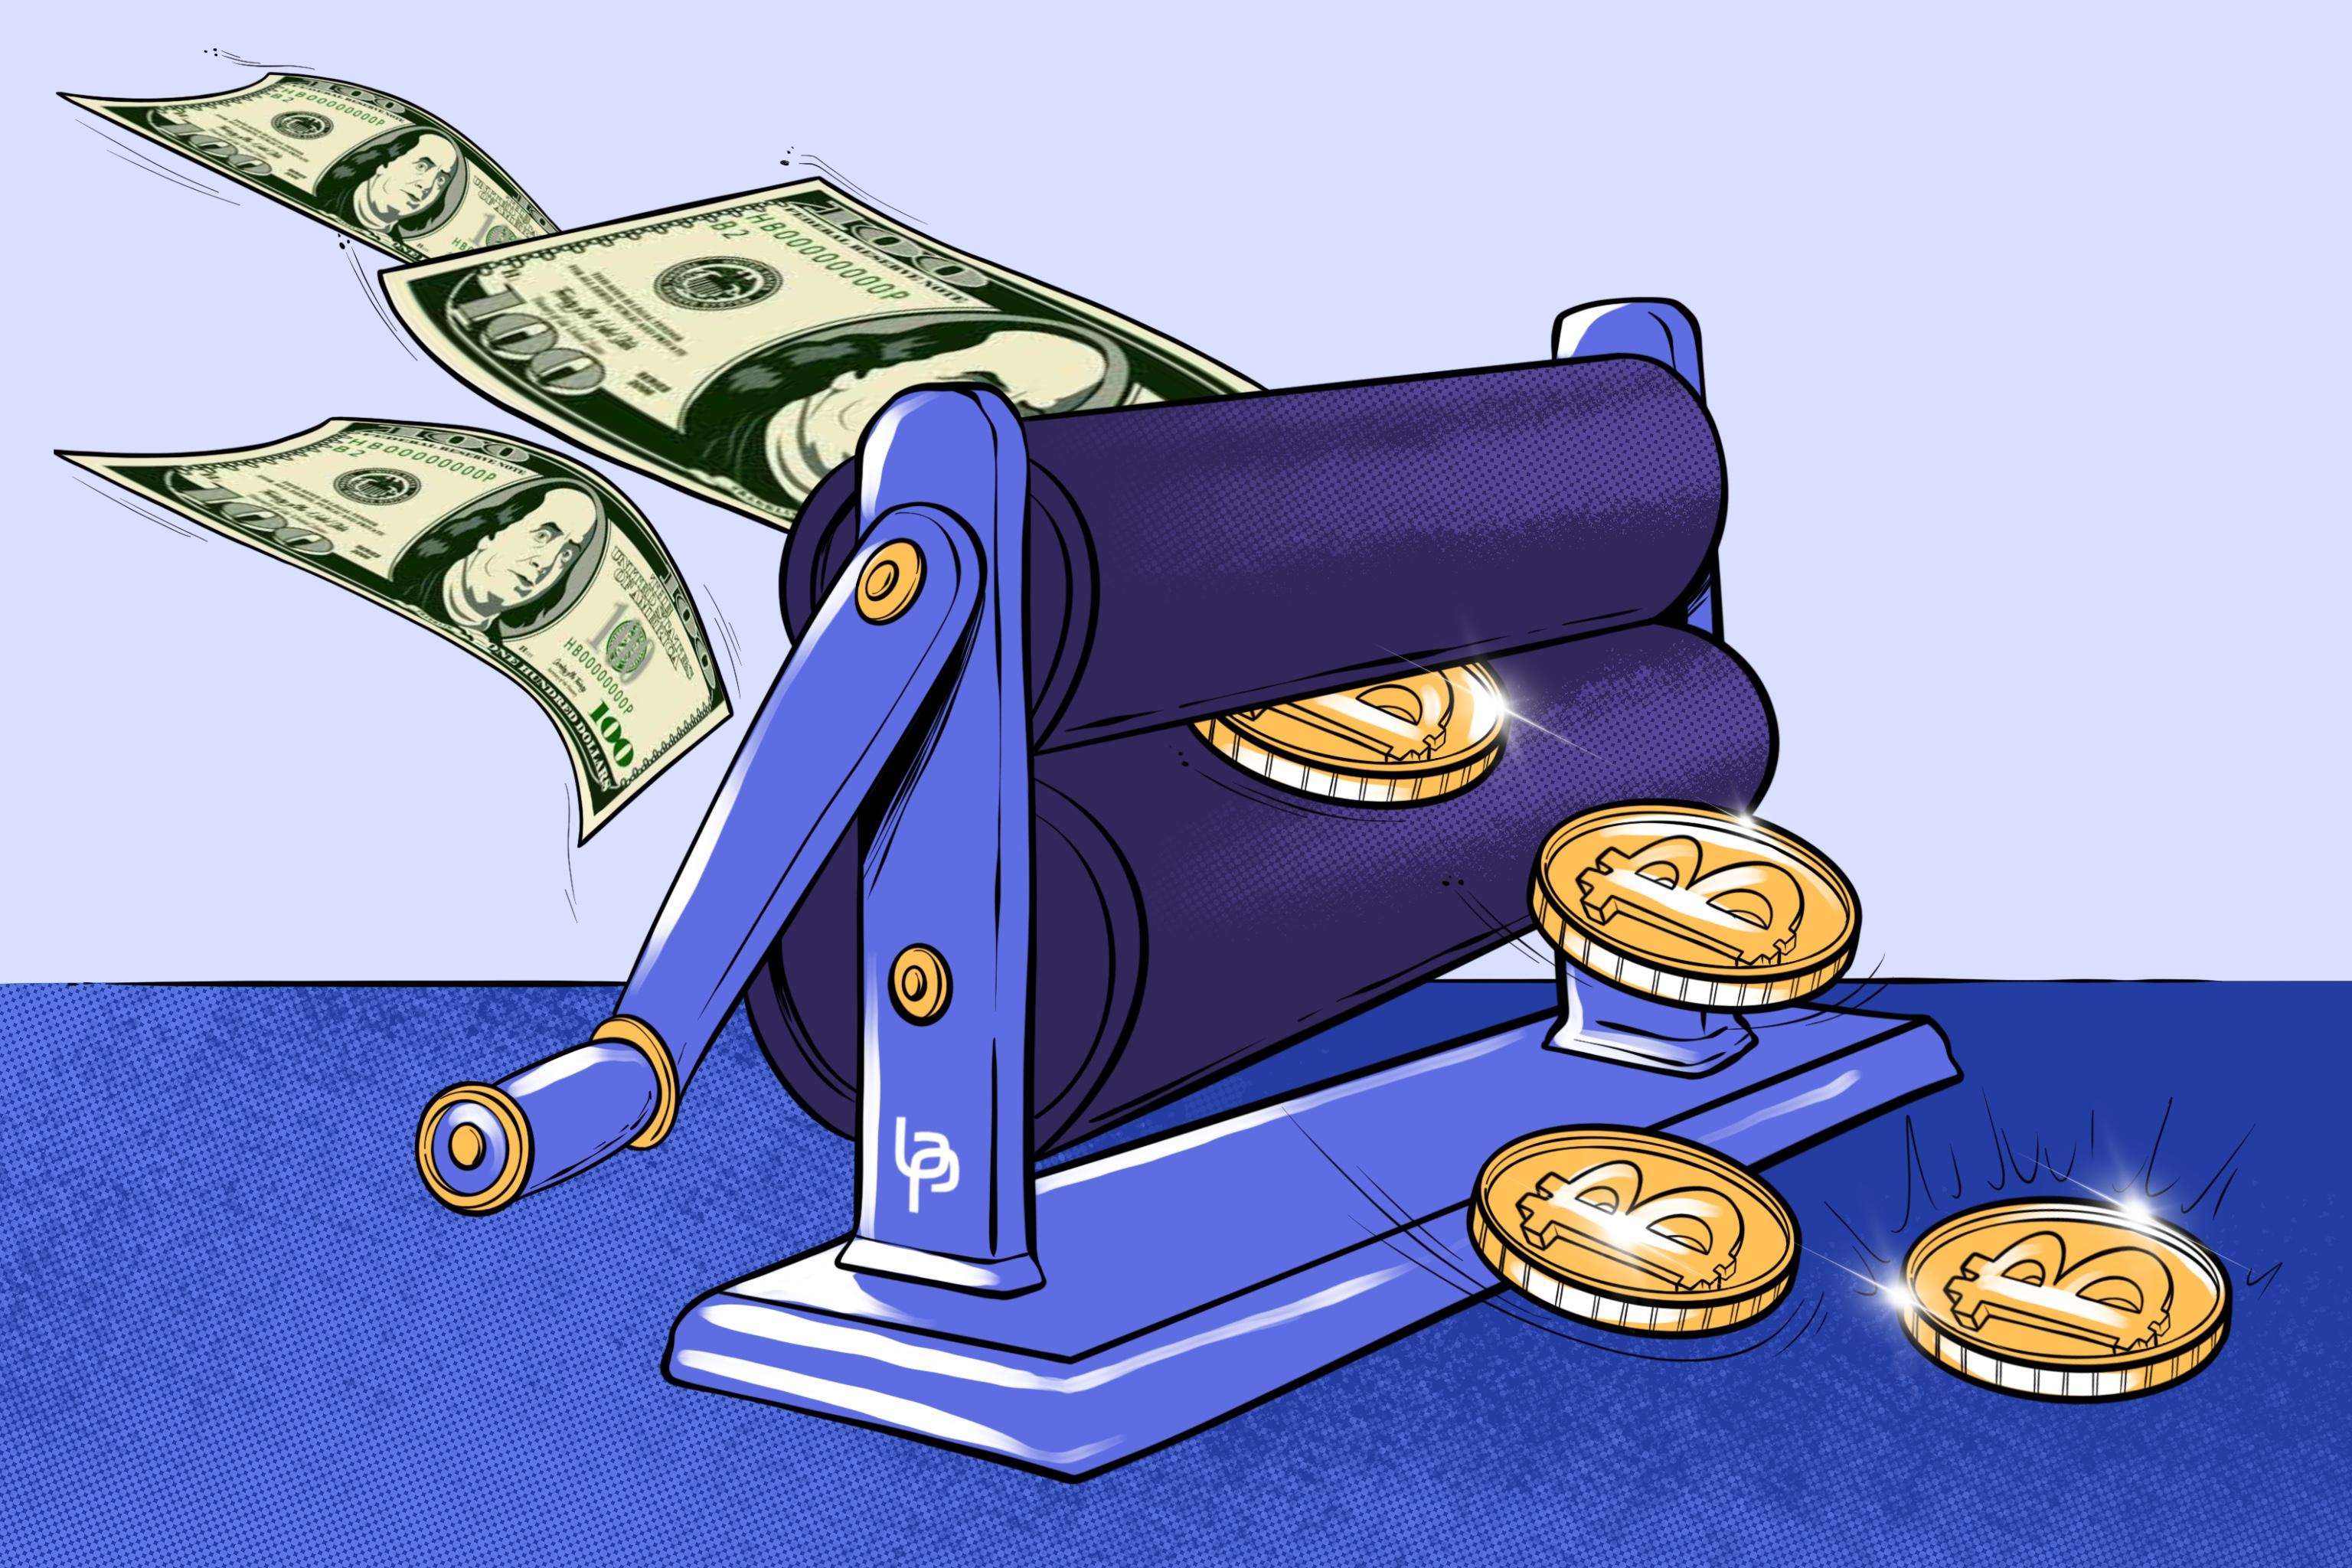 Правительственный банкир призывает срочно начать разработку цифрового доллара